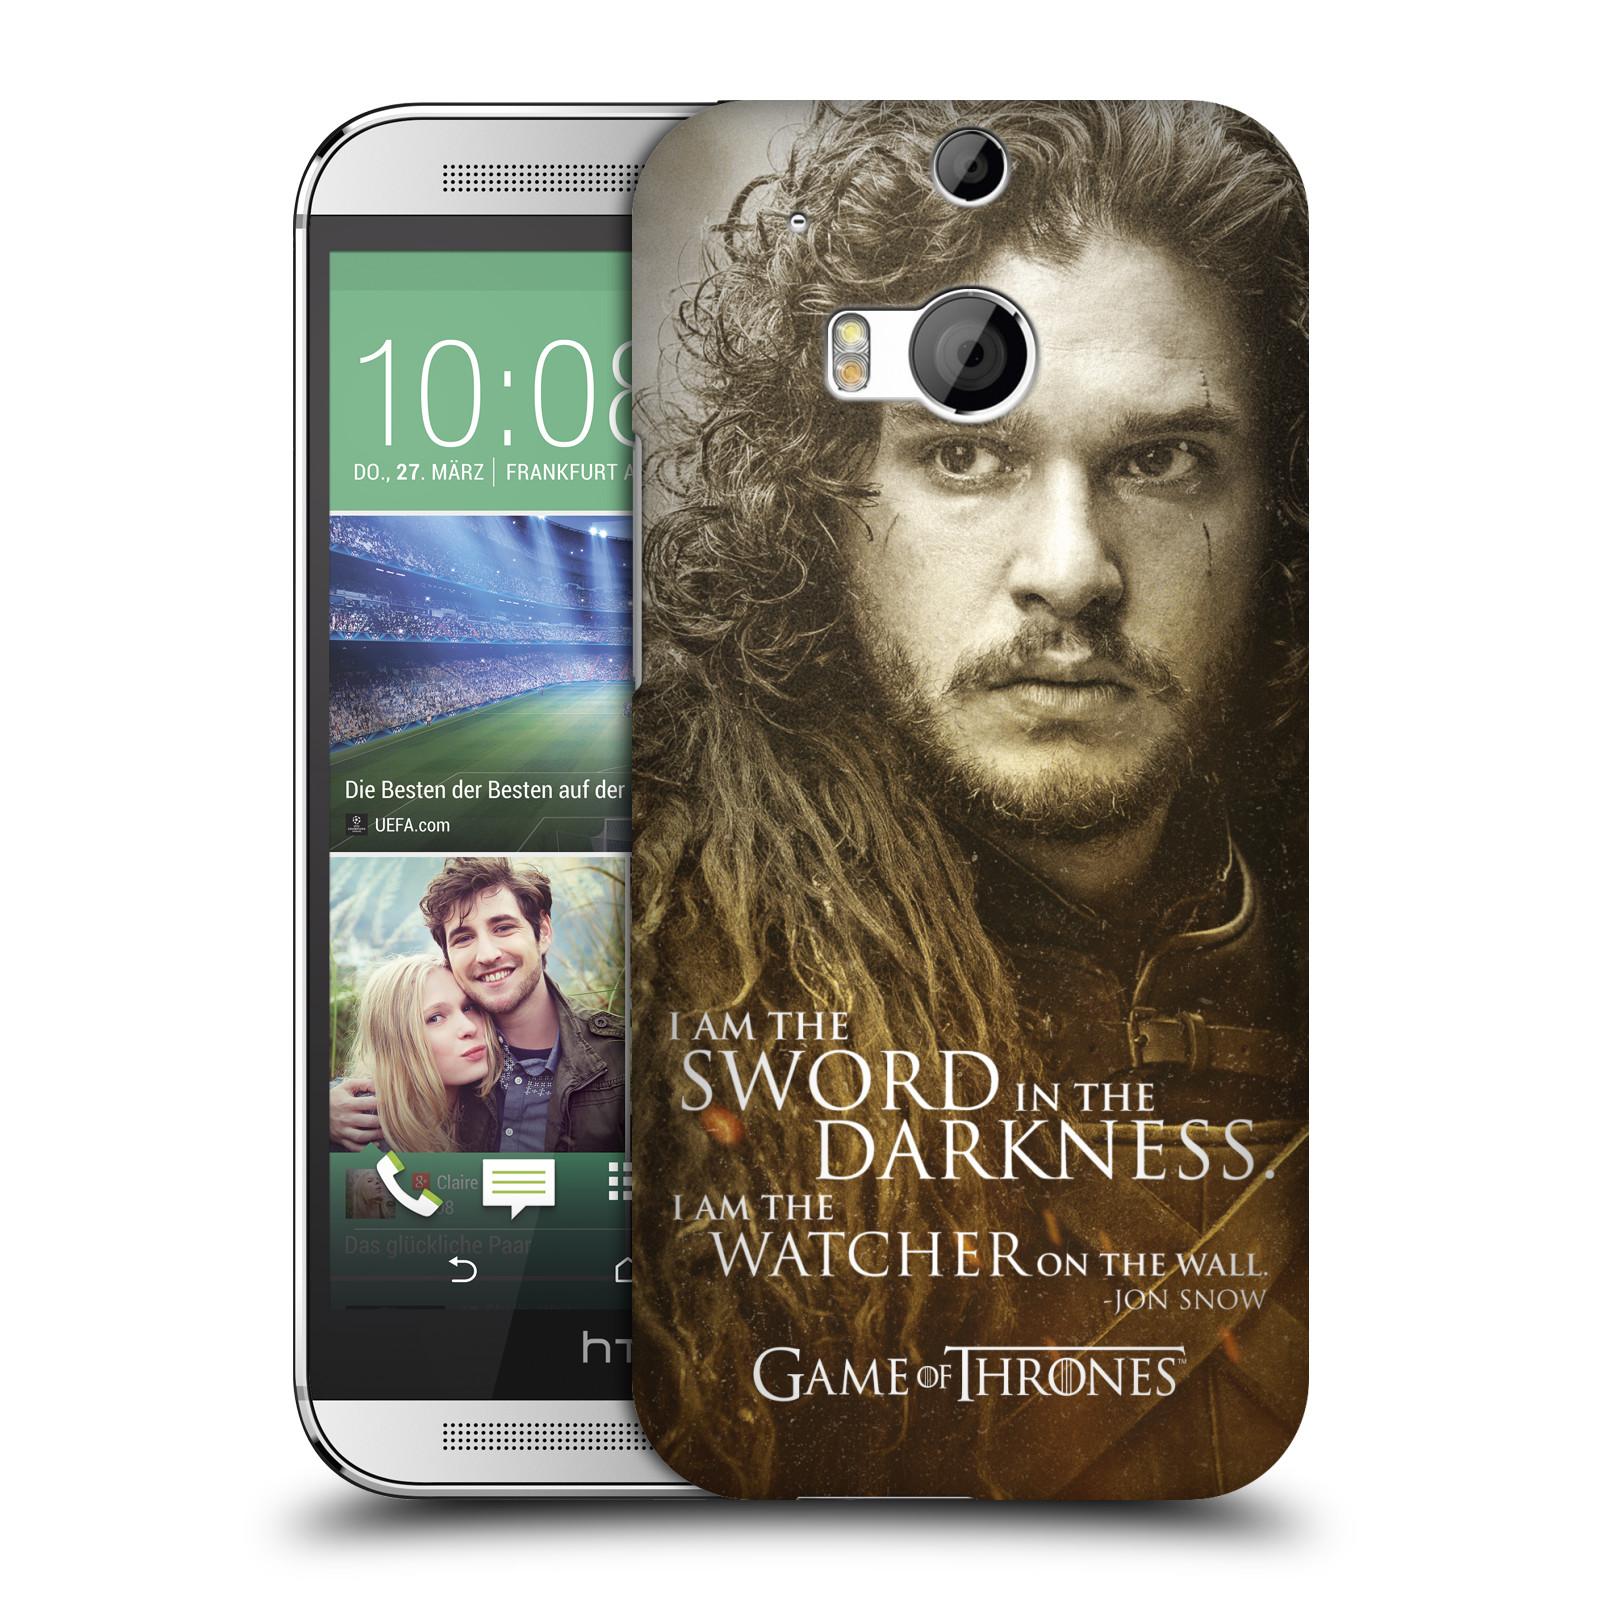 Plastové pouzdro na mobil HTC ONE M8 HEAD CASE Hra o trůny - Jon Snow (Plastový kryt či obal na mobilní telefon s licencovaným motivem Hra o trůny - Game Of Thrones pro HTC ONE M8)